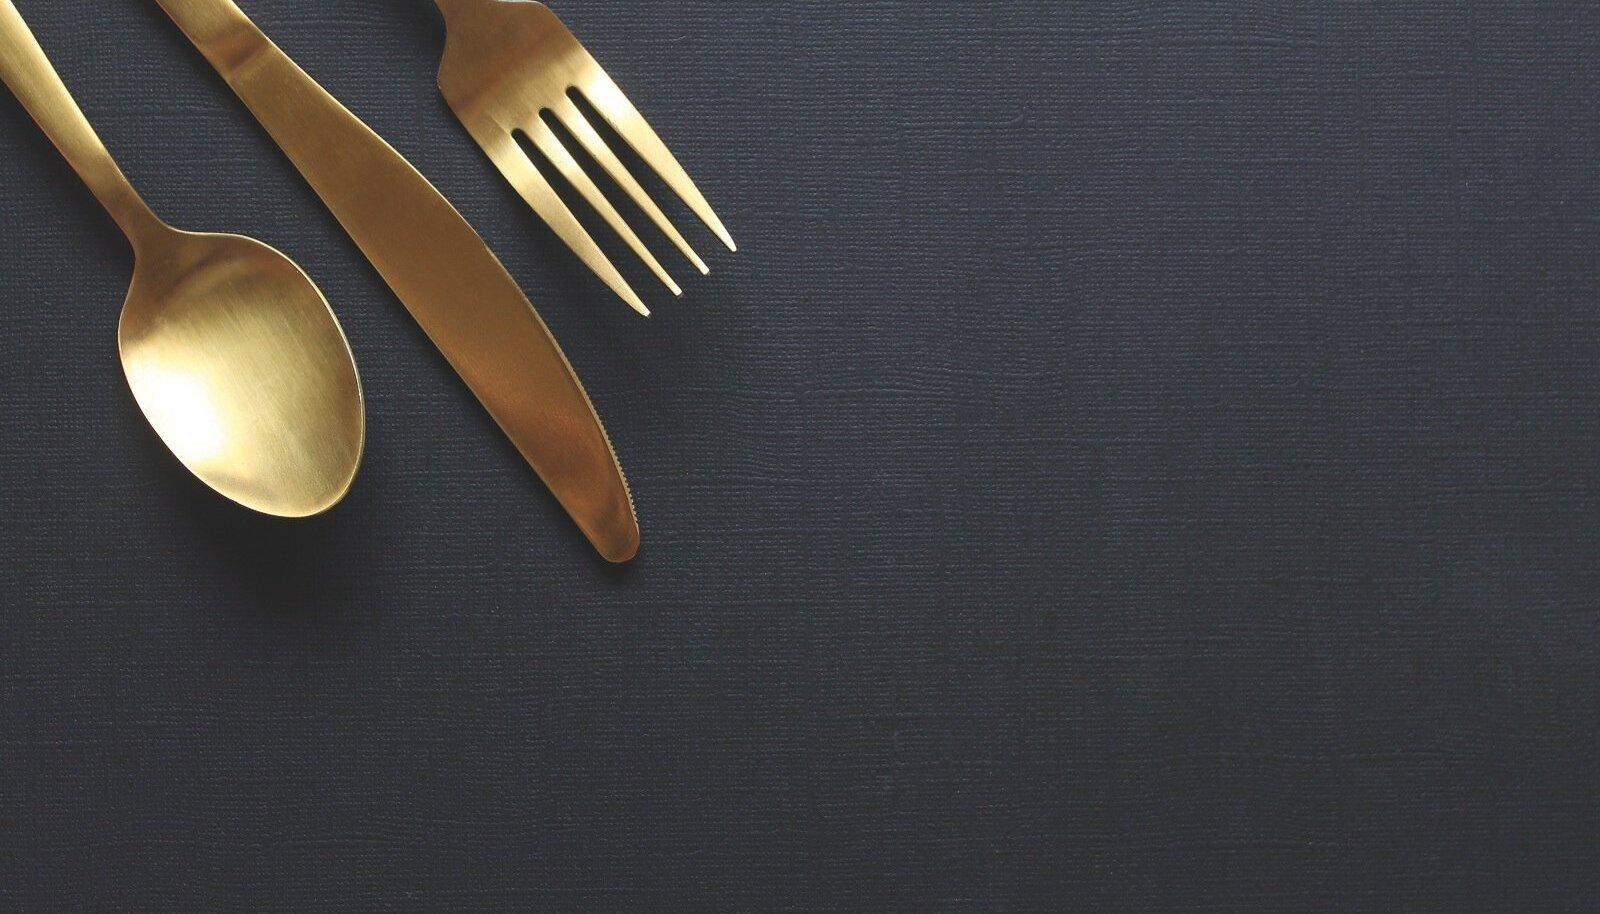 fc8ab6759d6 Hõrgu suutäie saladus – meeltega toit luksuslikumaks